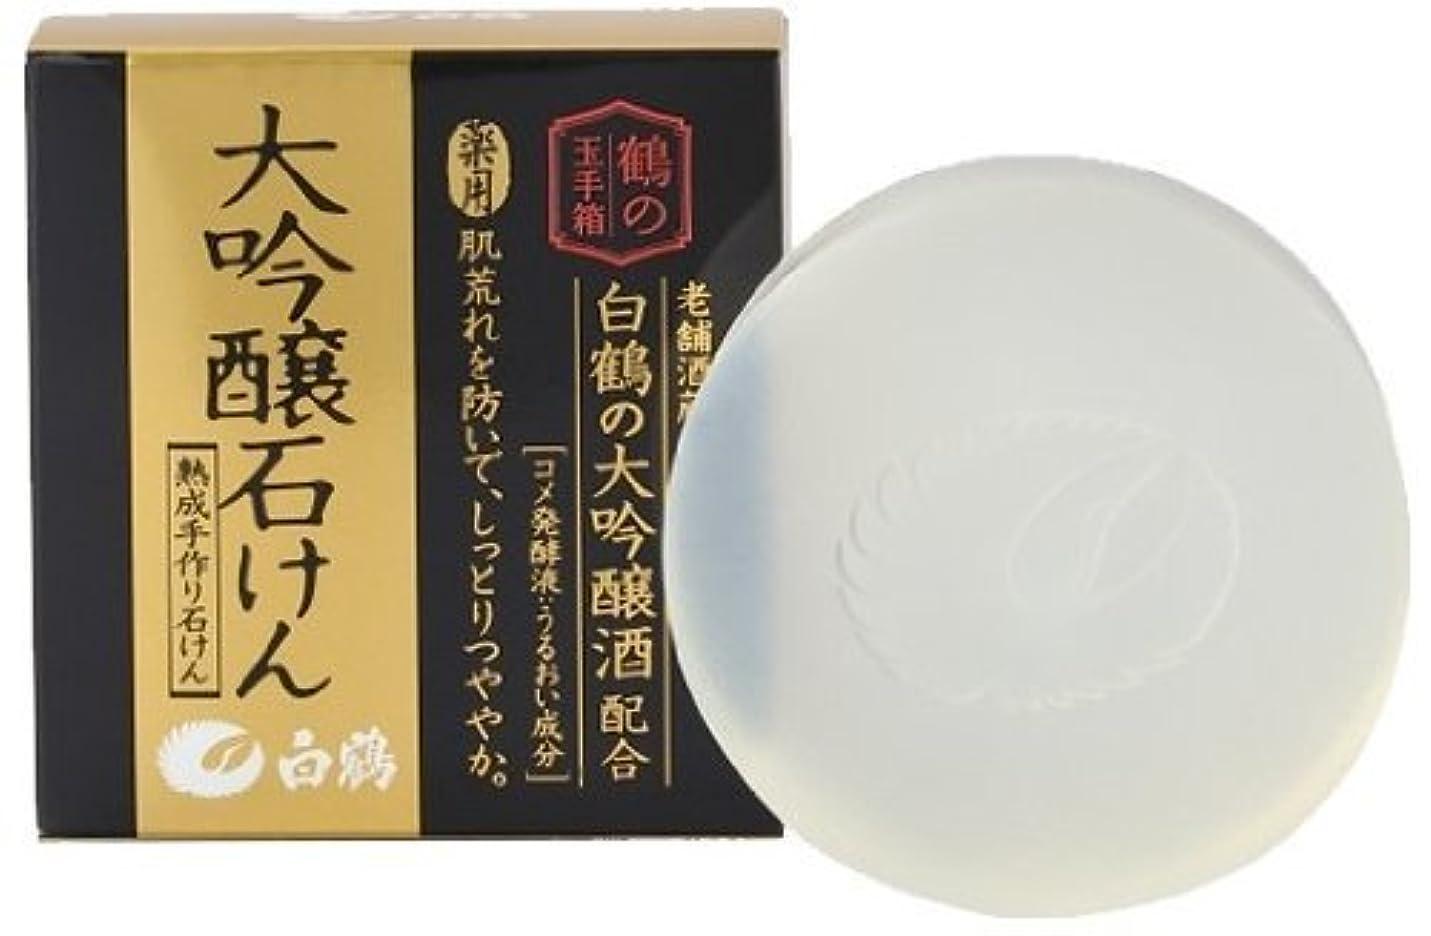 破壊的それる下着白鶴 鶴の玉手箱 大吟醸石けん 100g × 5個 (薬用)(医薬部外品)